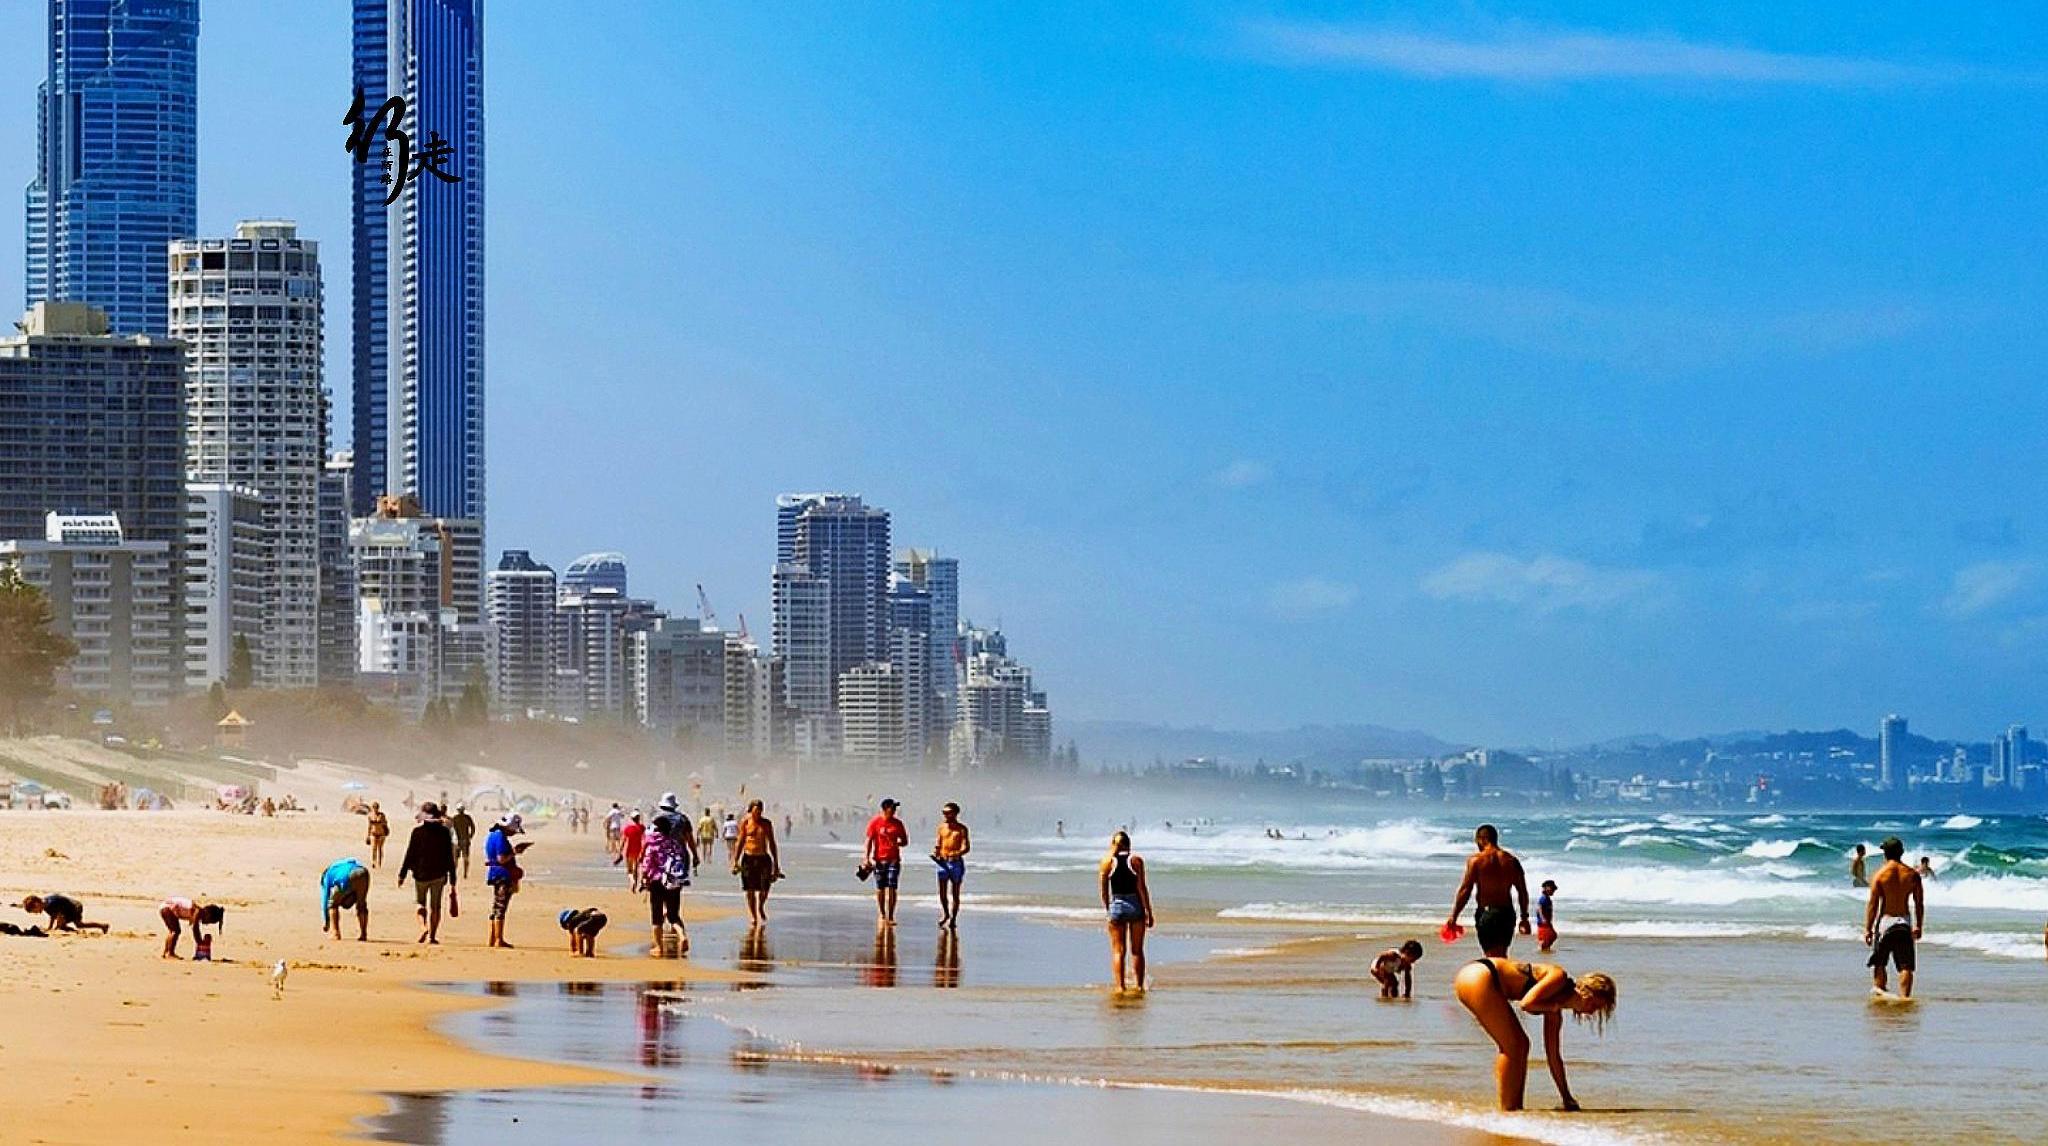 中国人坑中国人:免费景点导游收费参观,澳政府看不下去了